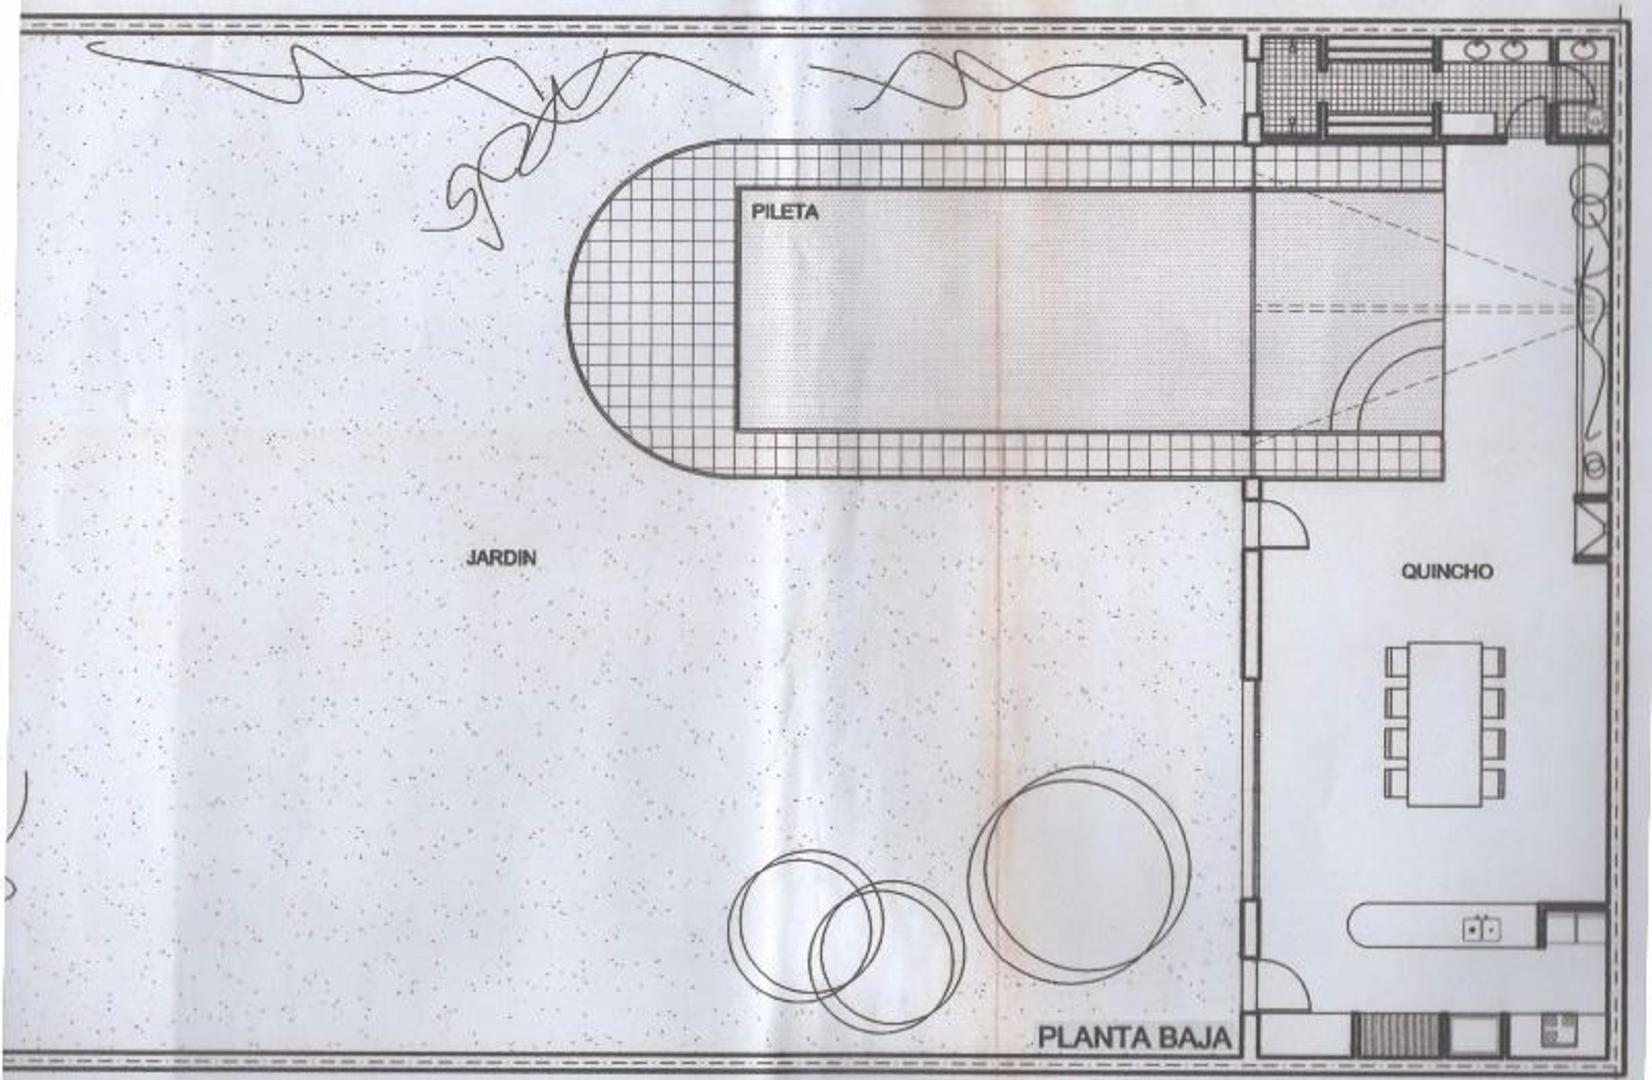 Chalet 3 Pltas de 630 m2. Lote 863 m2 (19x45 mts.) Jardín 636 m2. Piscina 12 x 5 In-Out climatizada  - Foto 14